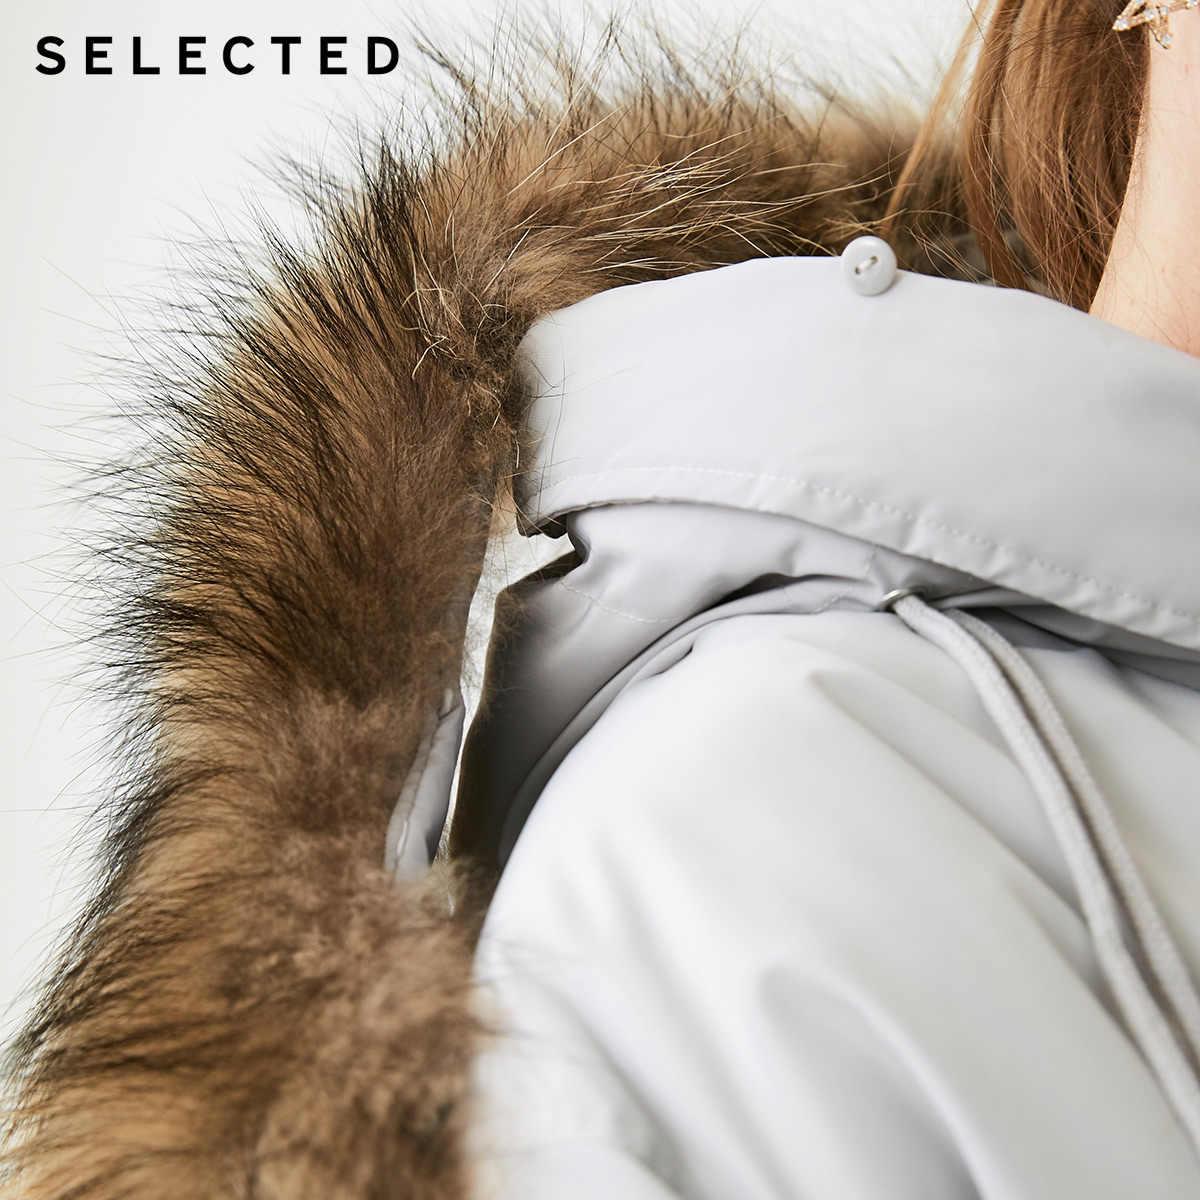 Выбранный Зимний новый женский пуховик на утином пуху с капюшоном, свободный пуховик средней длины S   418412566